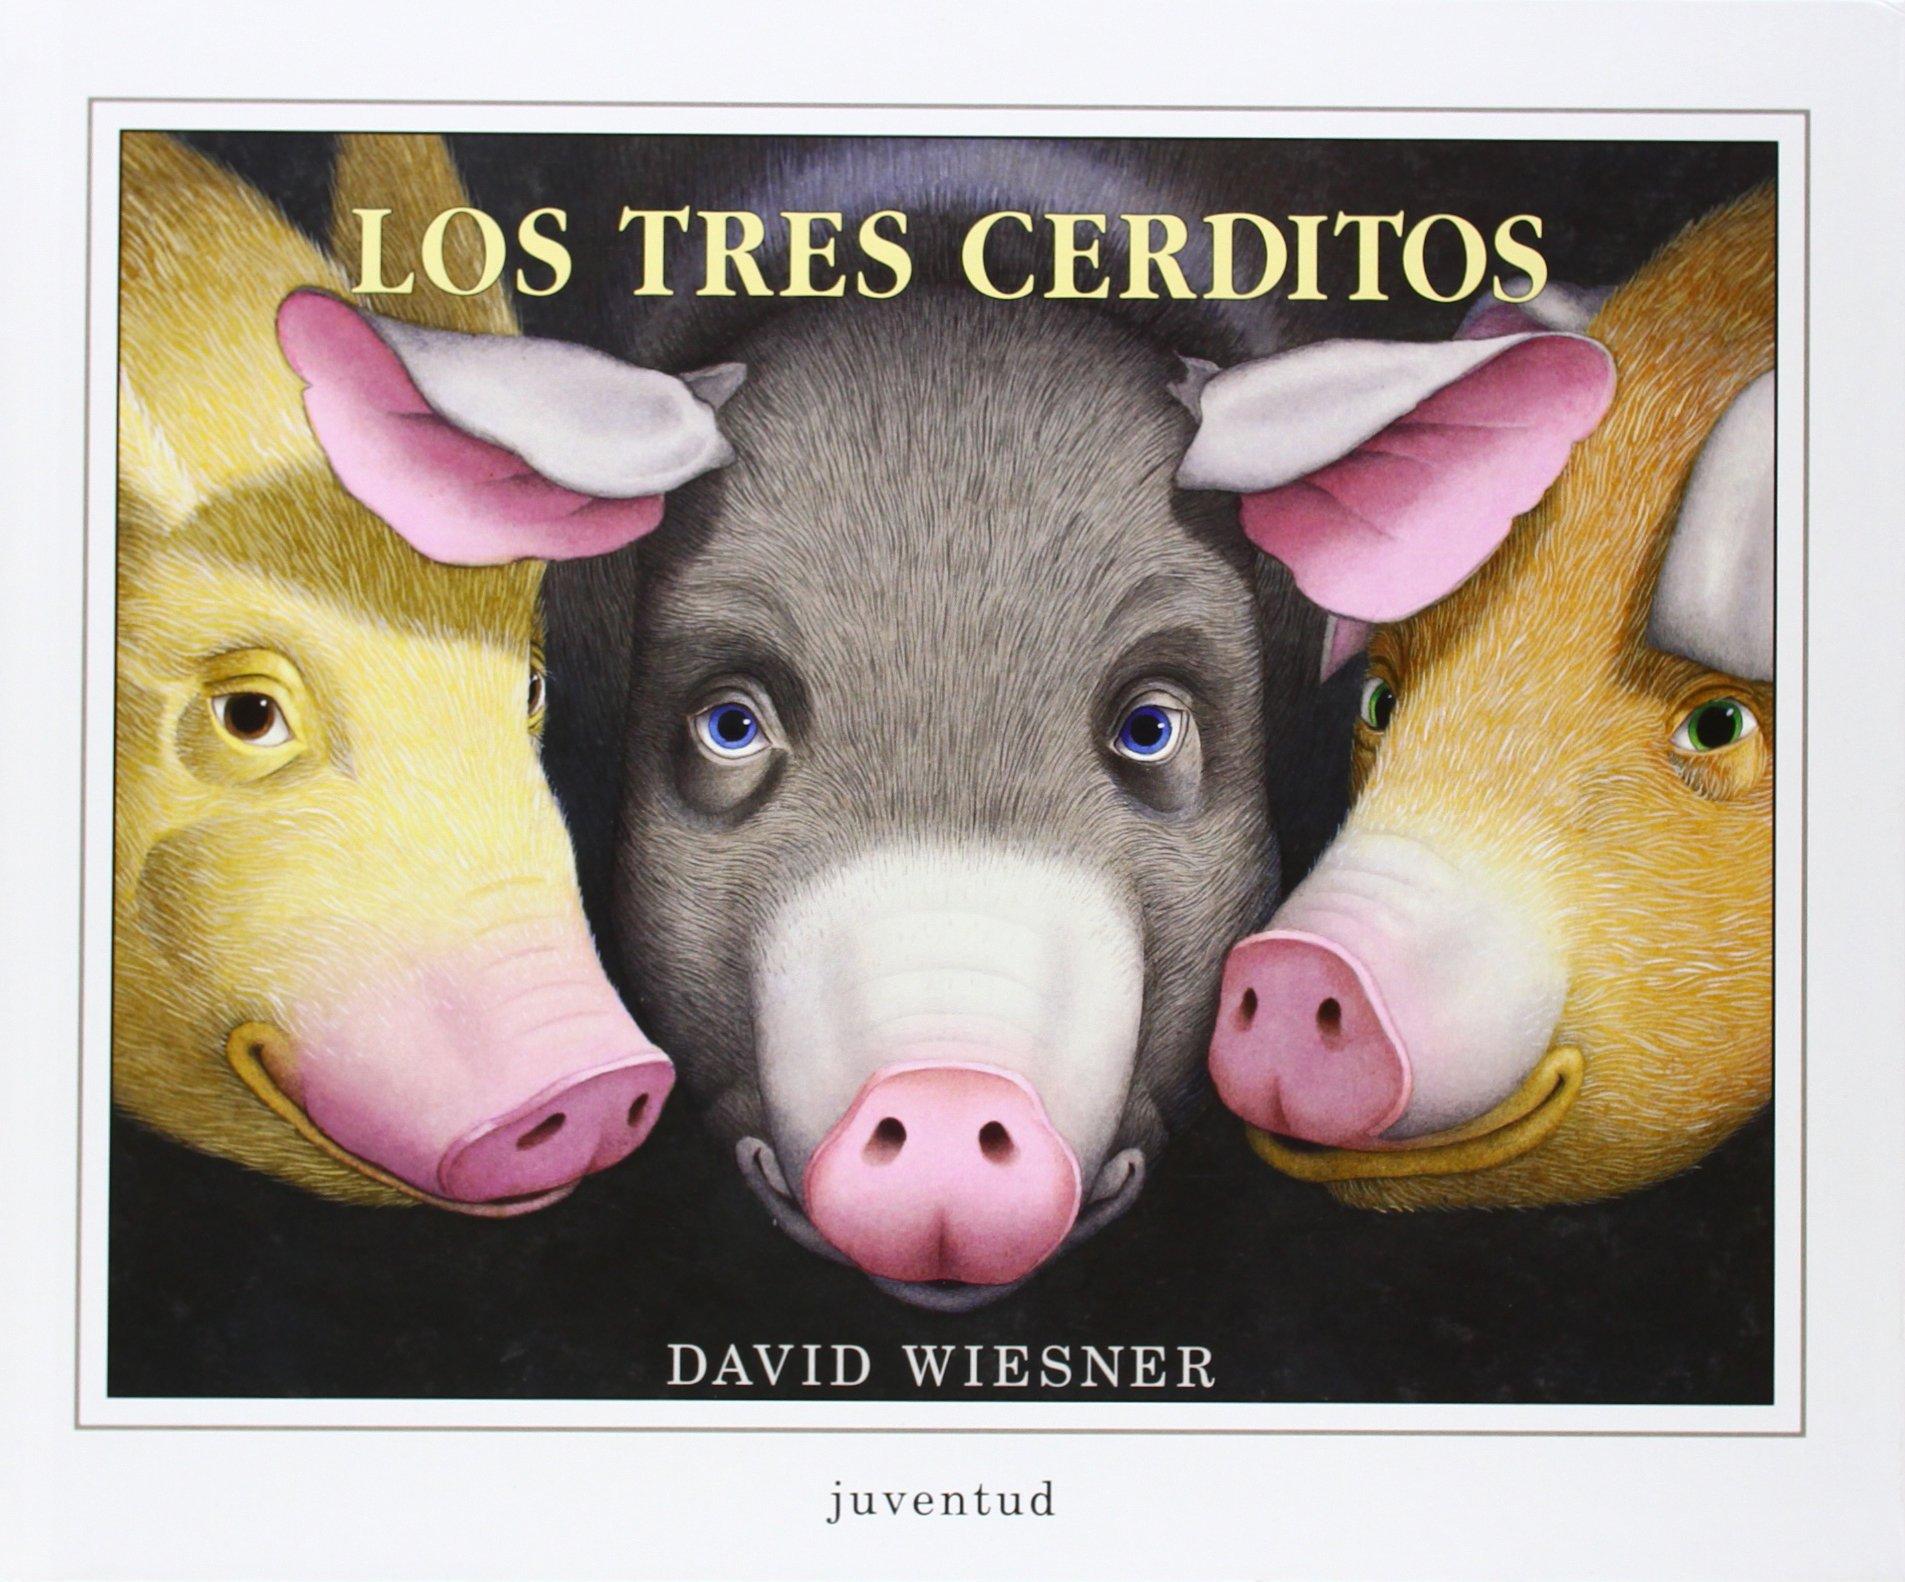 Los tres cerditos (Spanish Edition)